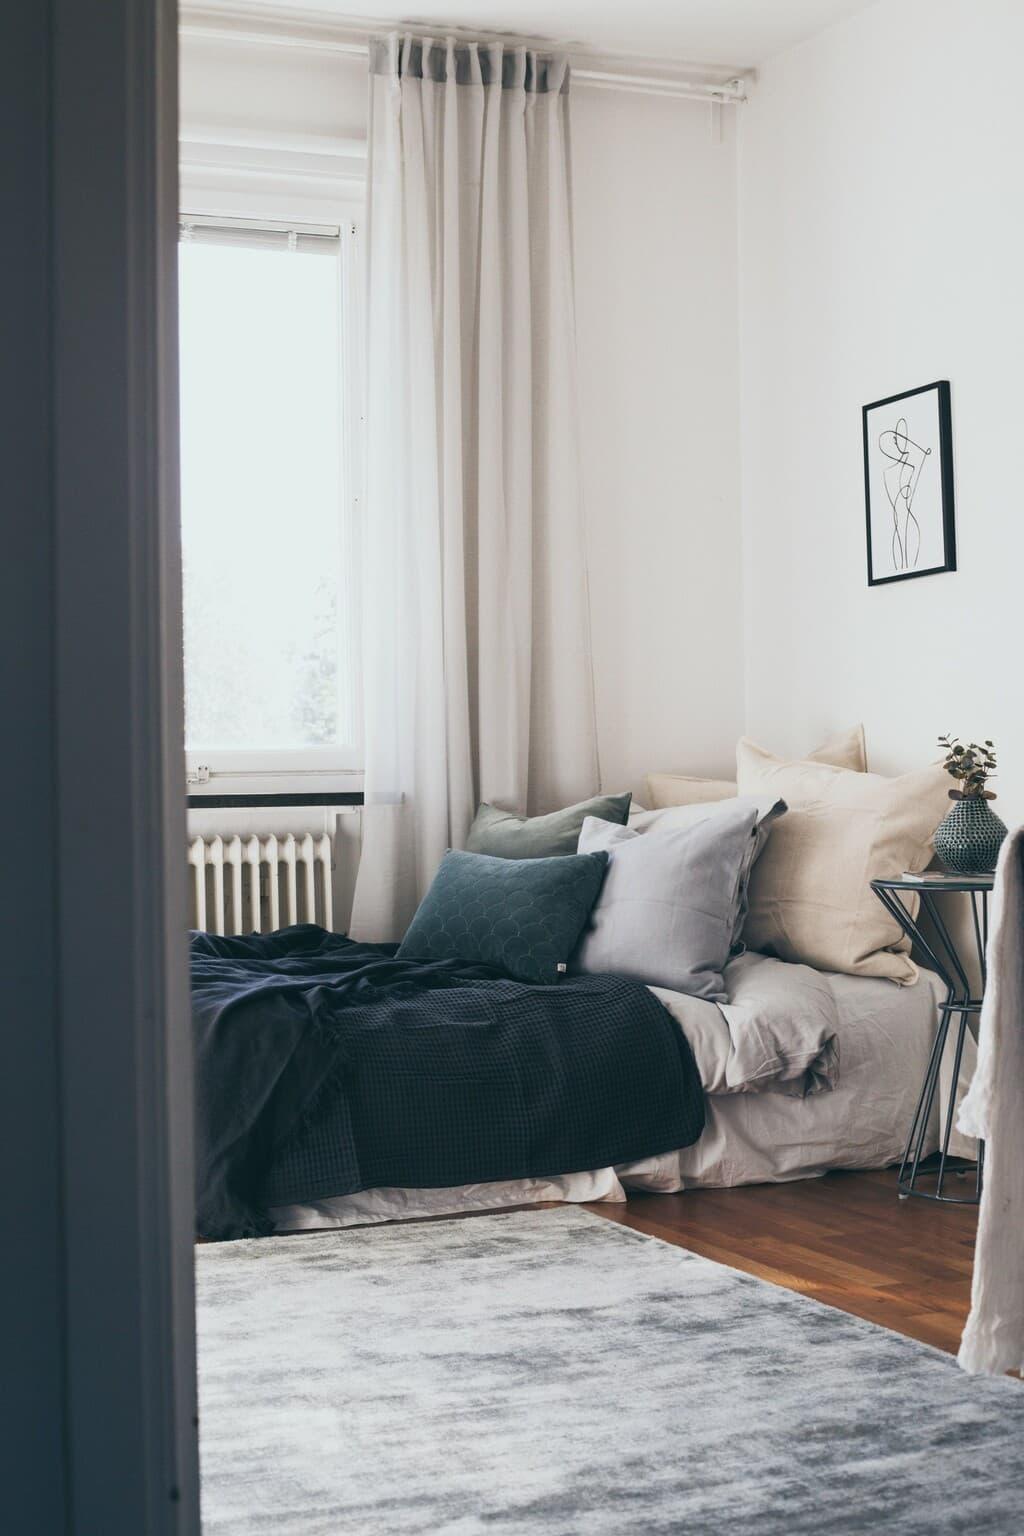 bäddad säng med massa kuddar